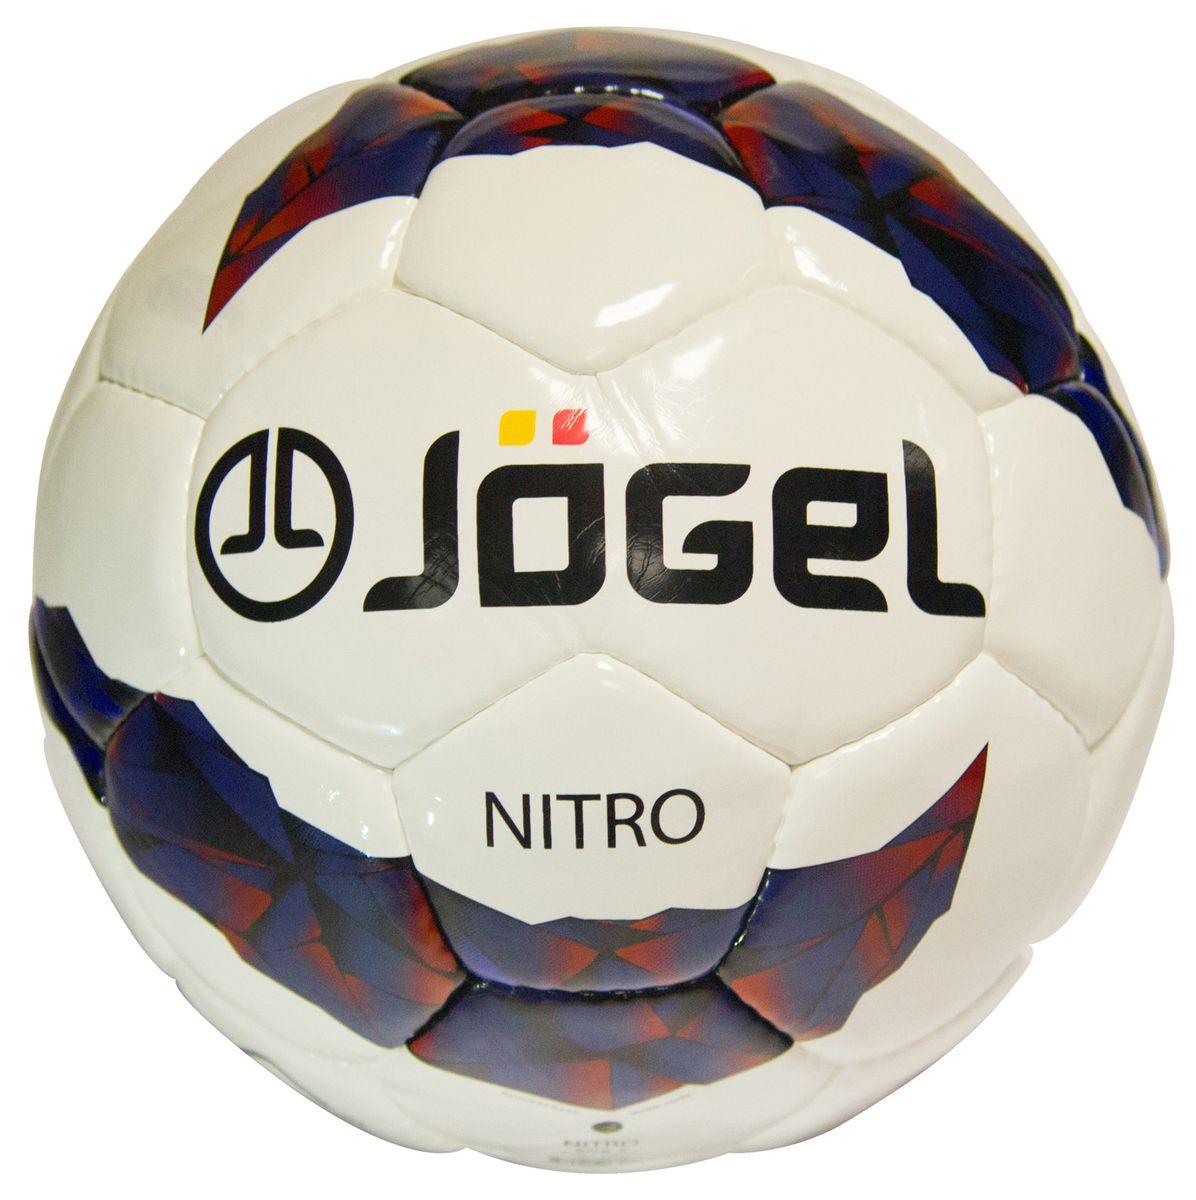 Мяч футбольный Jogel Nitro, цвет: белый, синий, бордовый. Размер 5. JS-700200170Футбольный мяч Jogel JS-700 Nitro превосходно подходит для тренировочного уровня. Он имеет прочную покрышку из синтетической кожи,сшитой вручную. Мяч имеет отличные технические характеристики, соответствующие требованиям тренировочного процесса.Предусмотрено 4 подкладочных слоя из смеси хлопка с полиэстером и латексная камера, которая хорошо держит давление.Мяч Jogel JS-700 Nitro станет отличным выбором для тренировок и проведения любительских матчей. Вес: 410-450 гр. Длина окружности: 68-70 см. Рекомендованное давление: 0.6-0.8 бар. УВАЖАЕМЫЕ КЛИЕНТЫ! Обращаем ваше внимание на тот факт, что мяч поставляется в сдутом виде. Насос в комплект не входит.